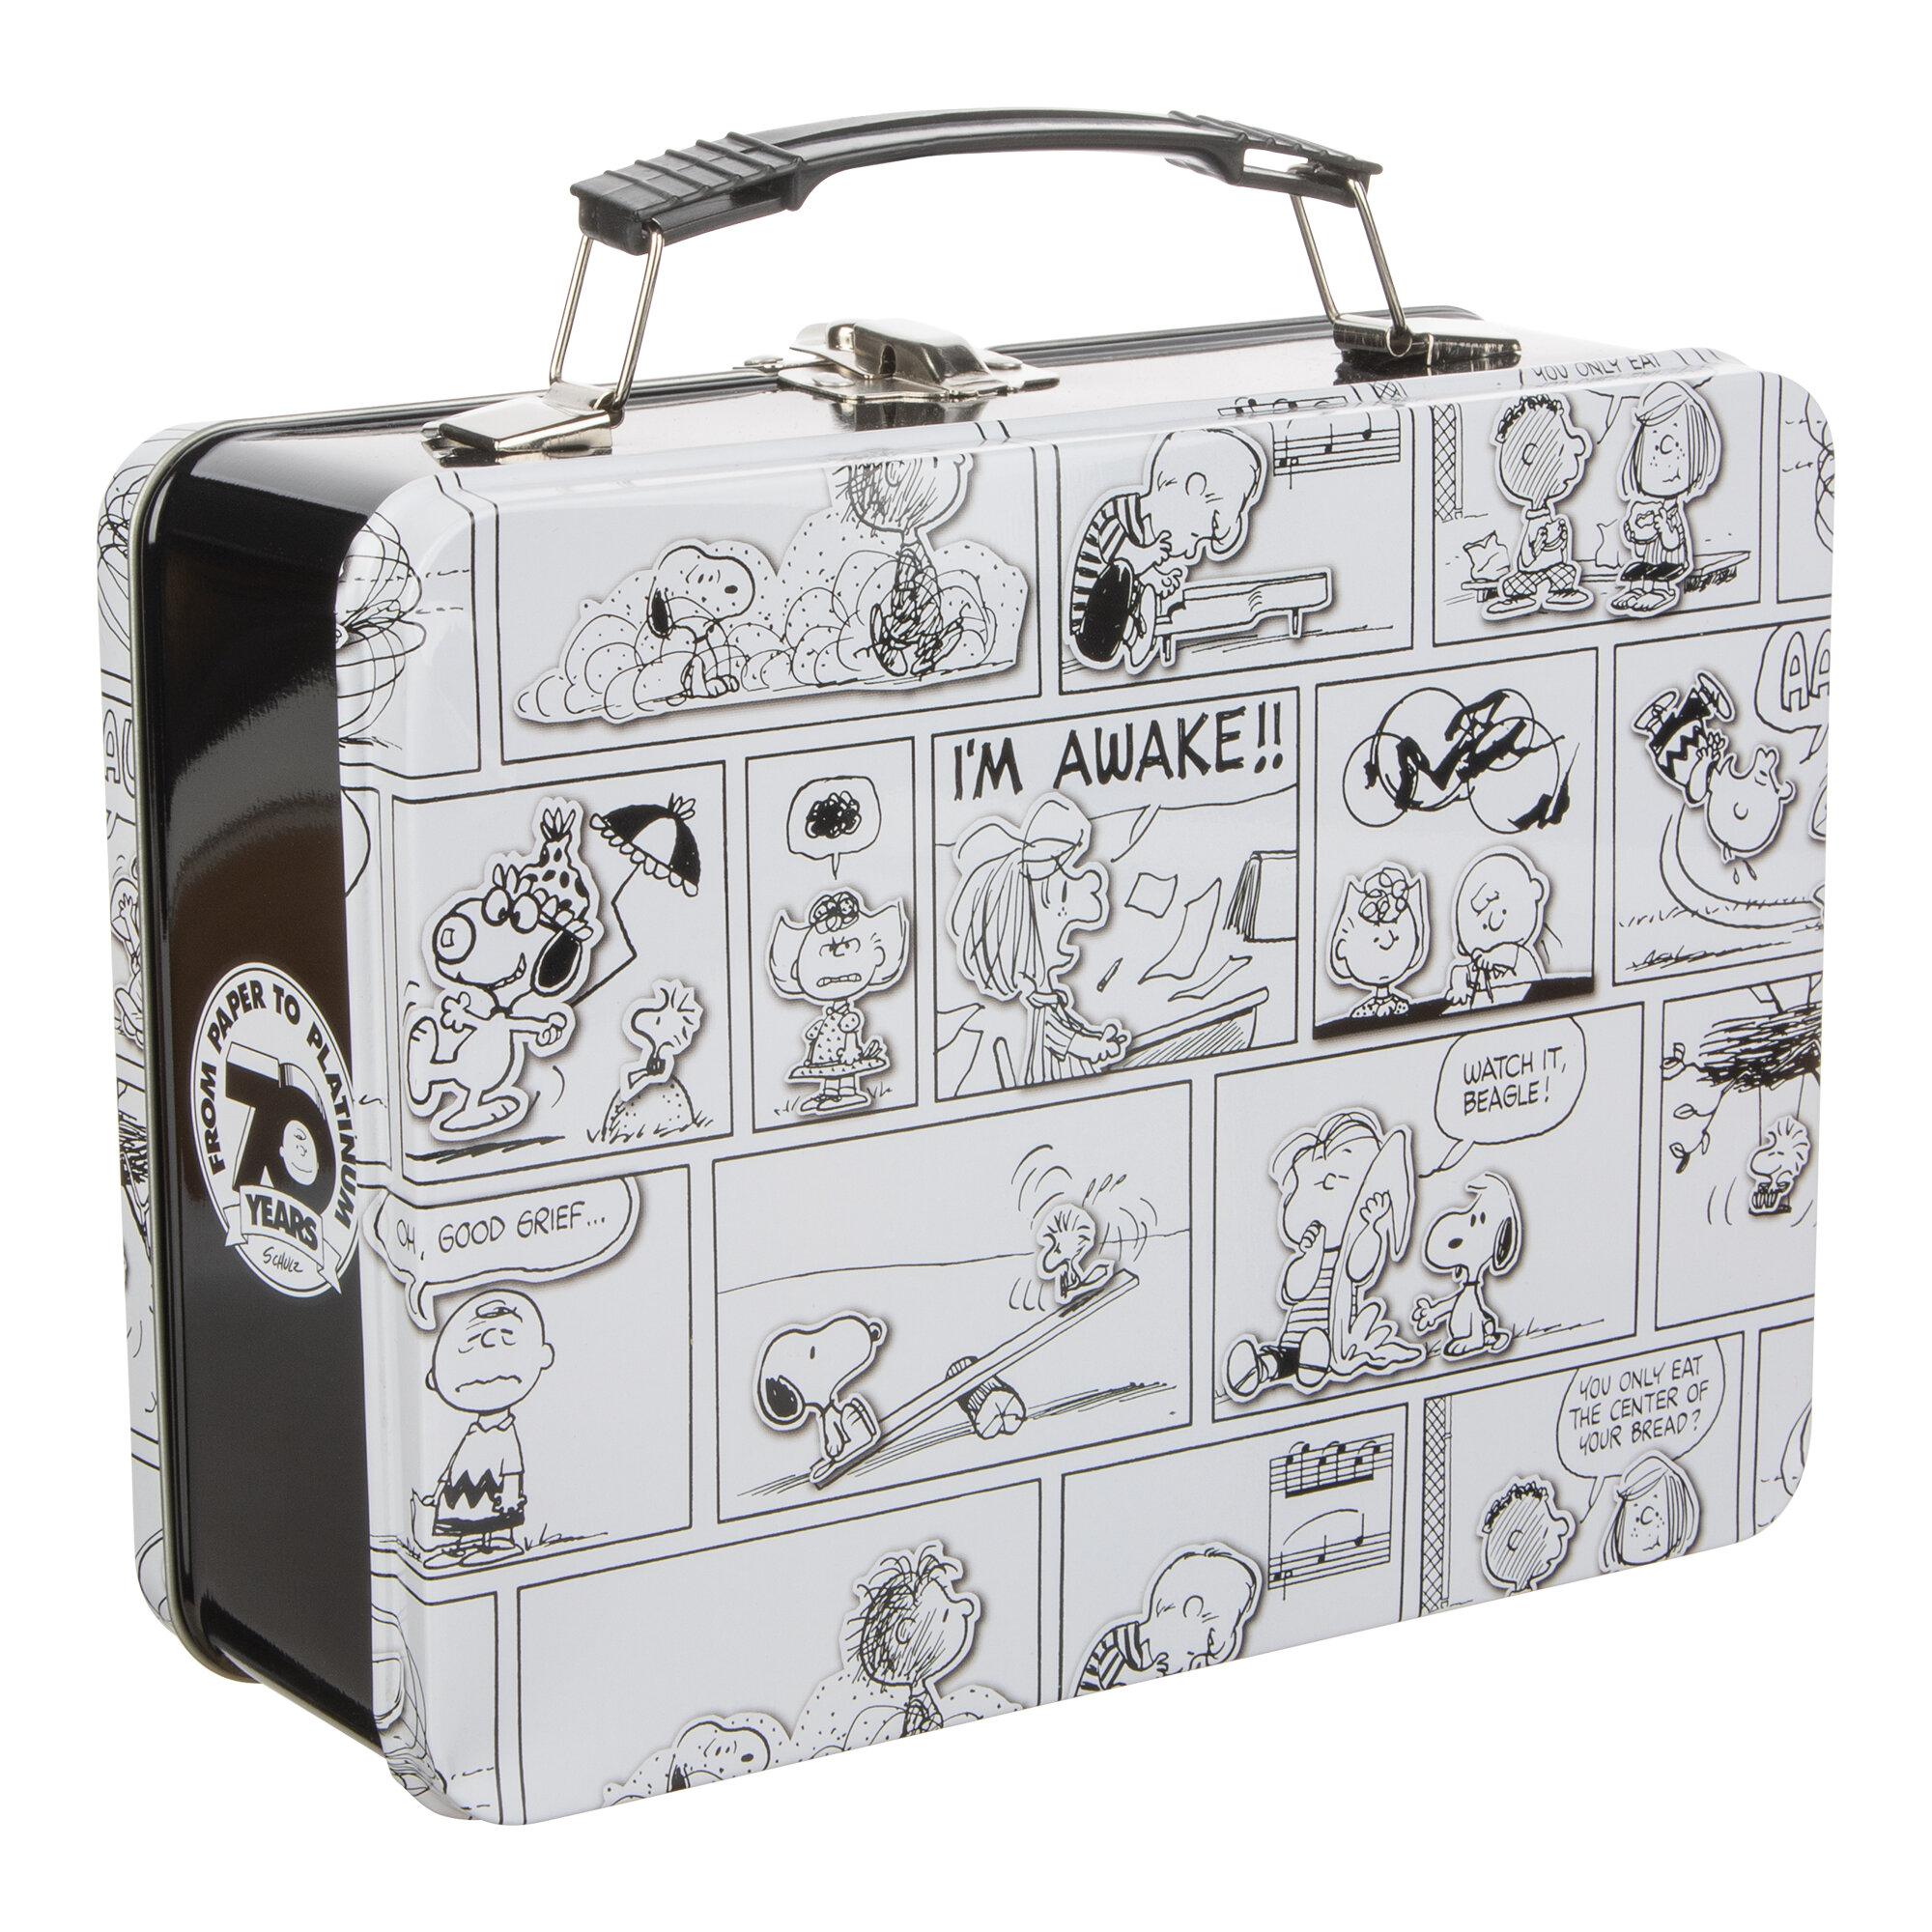 Vandor Peanuts Comic Strip Large Tin Box Wayfair